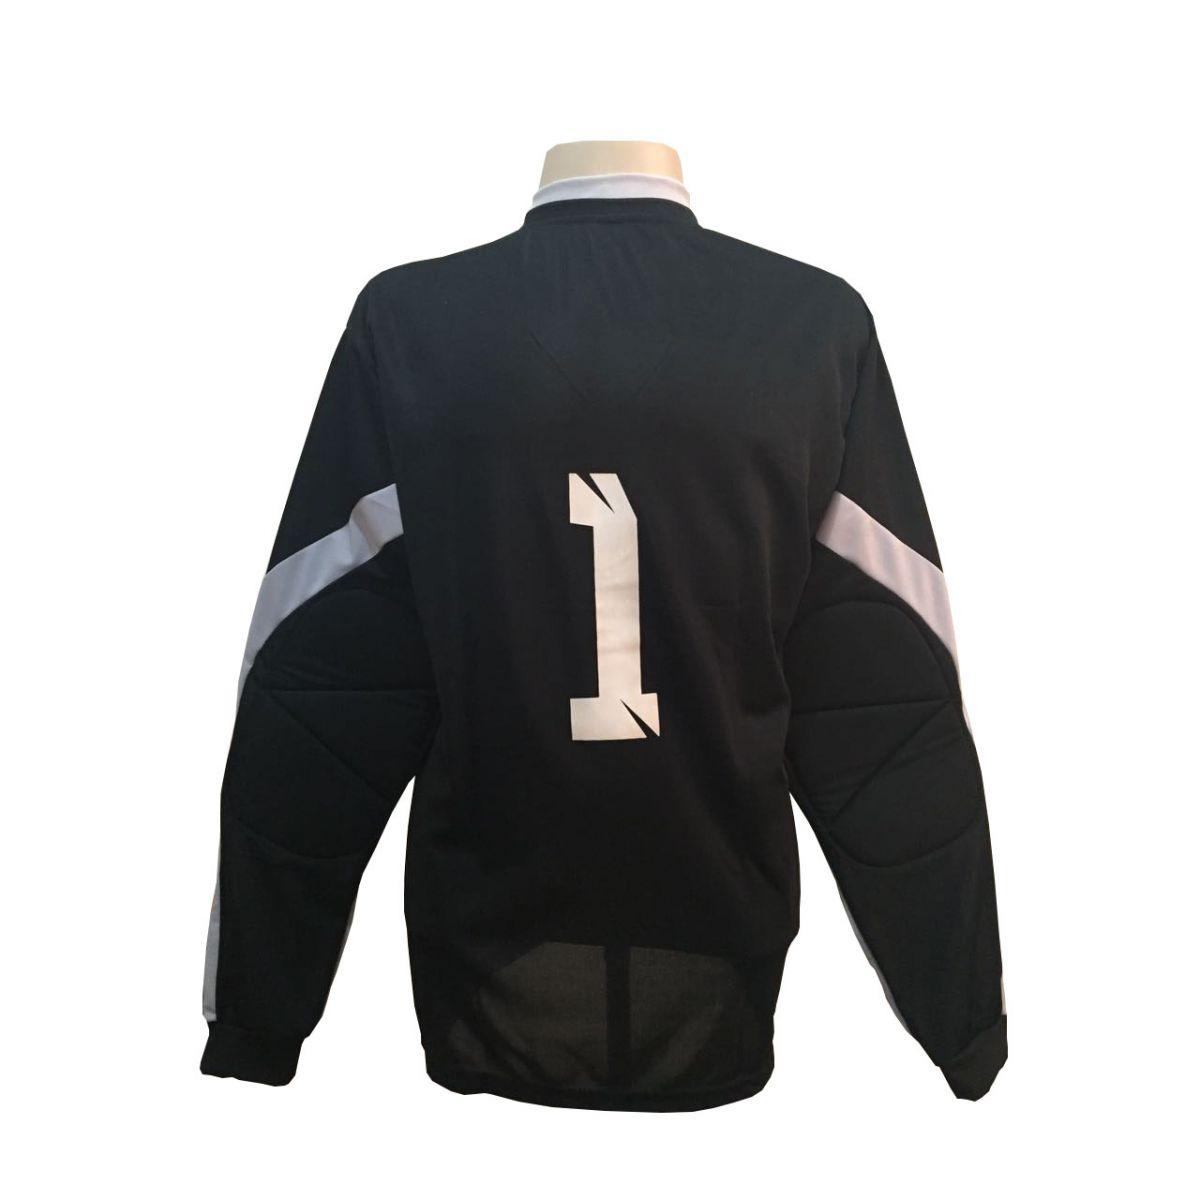 Camisa de Goleiro modelo Turim número 1 Preto/Cinza